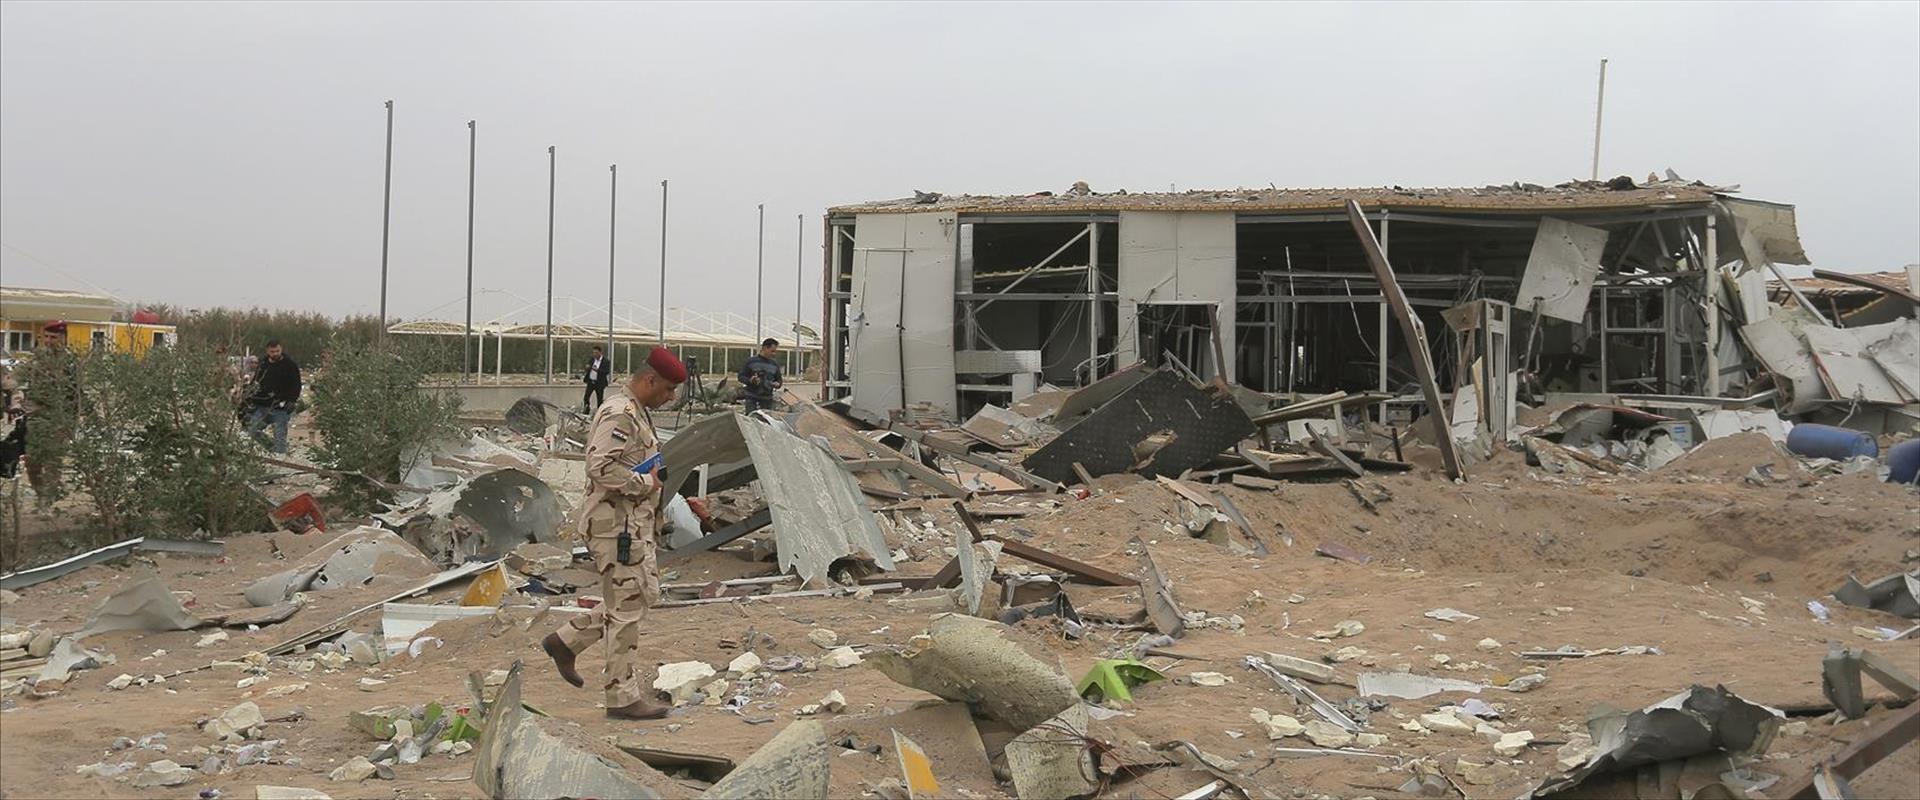 הרס בעיראק